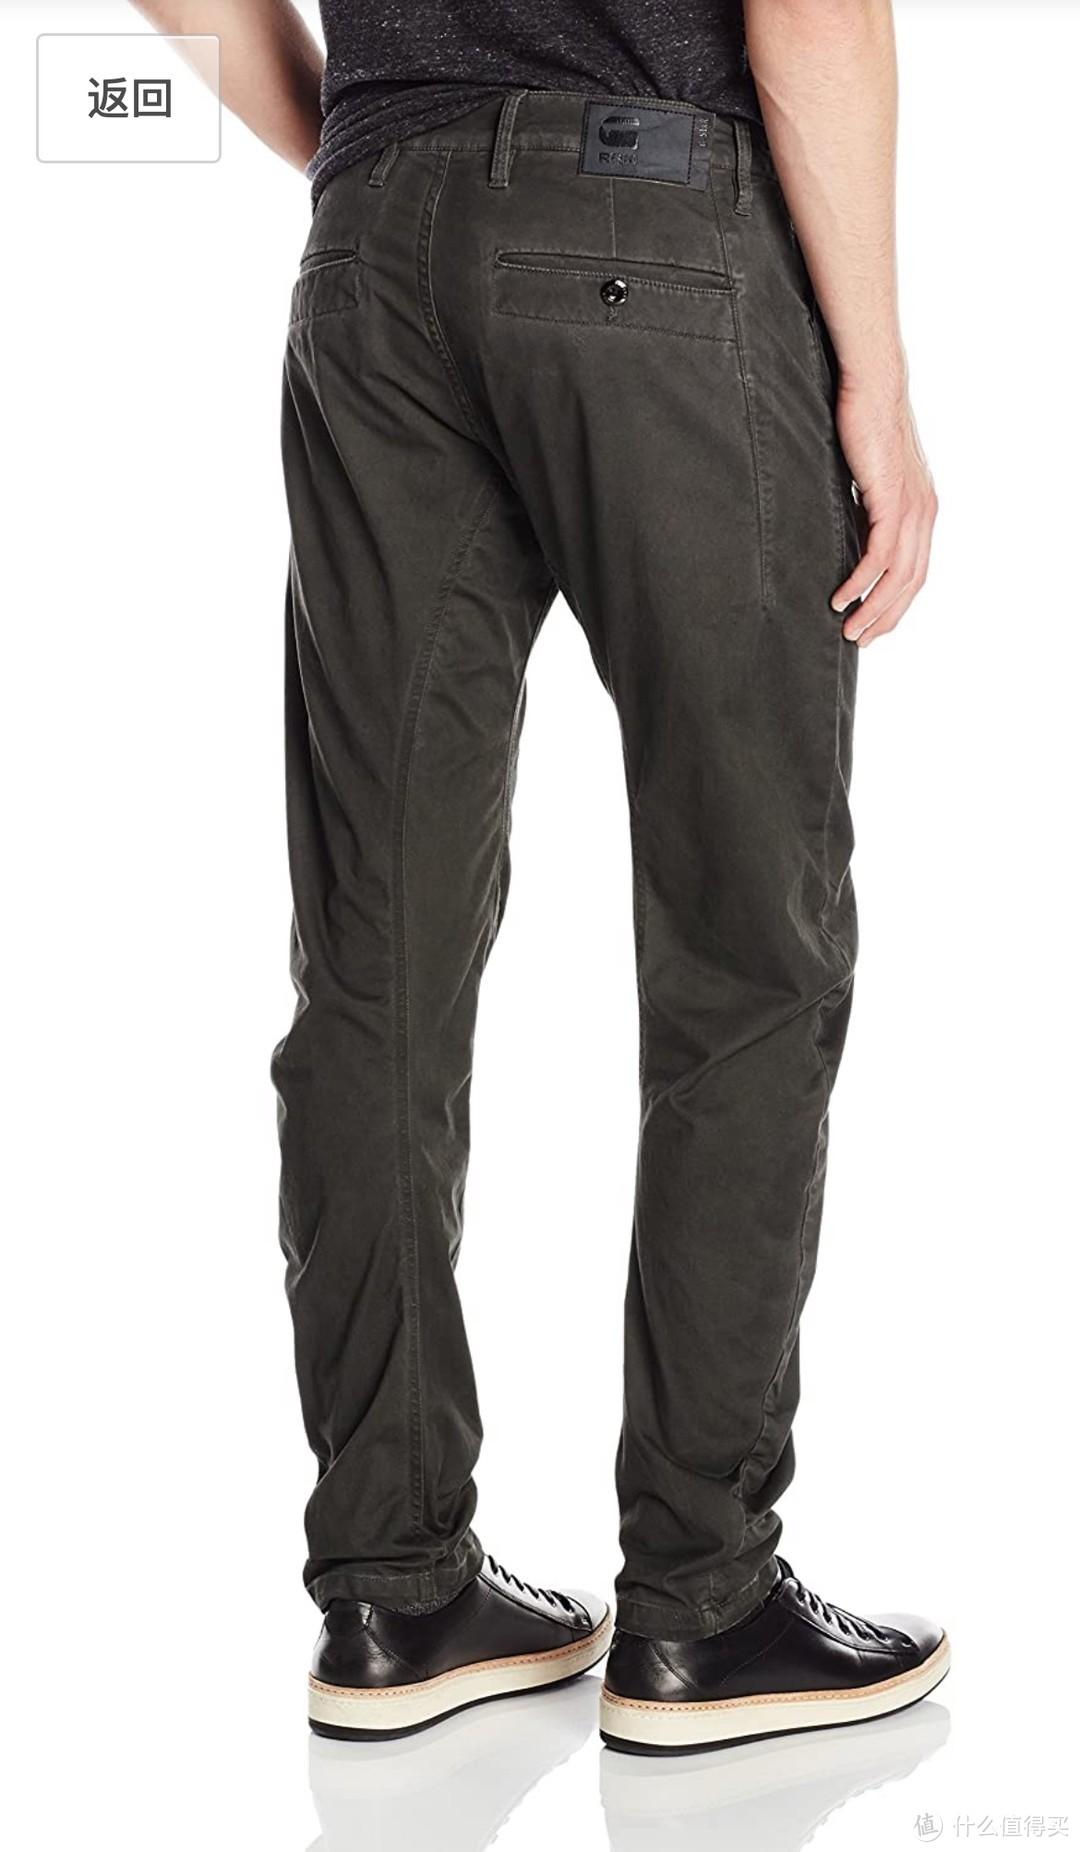 版型超正的G-STAR RAW Bronson 3d Slim 卡其裤